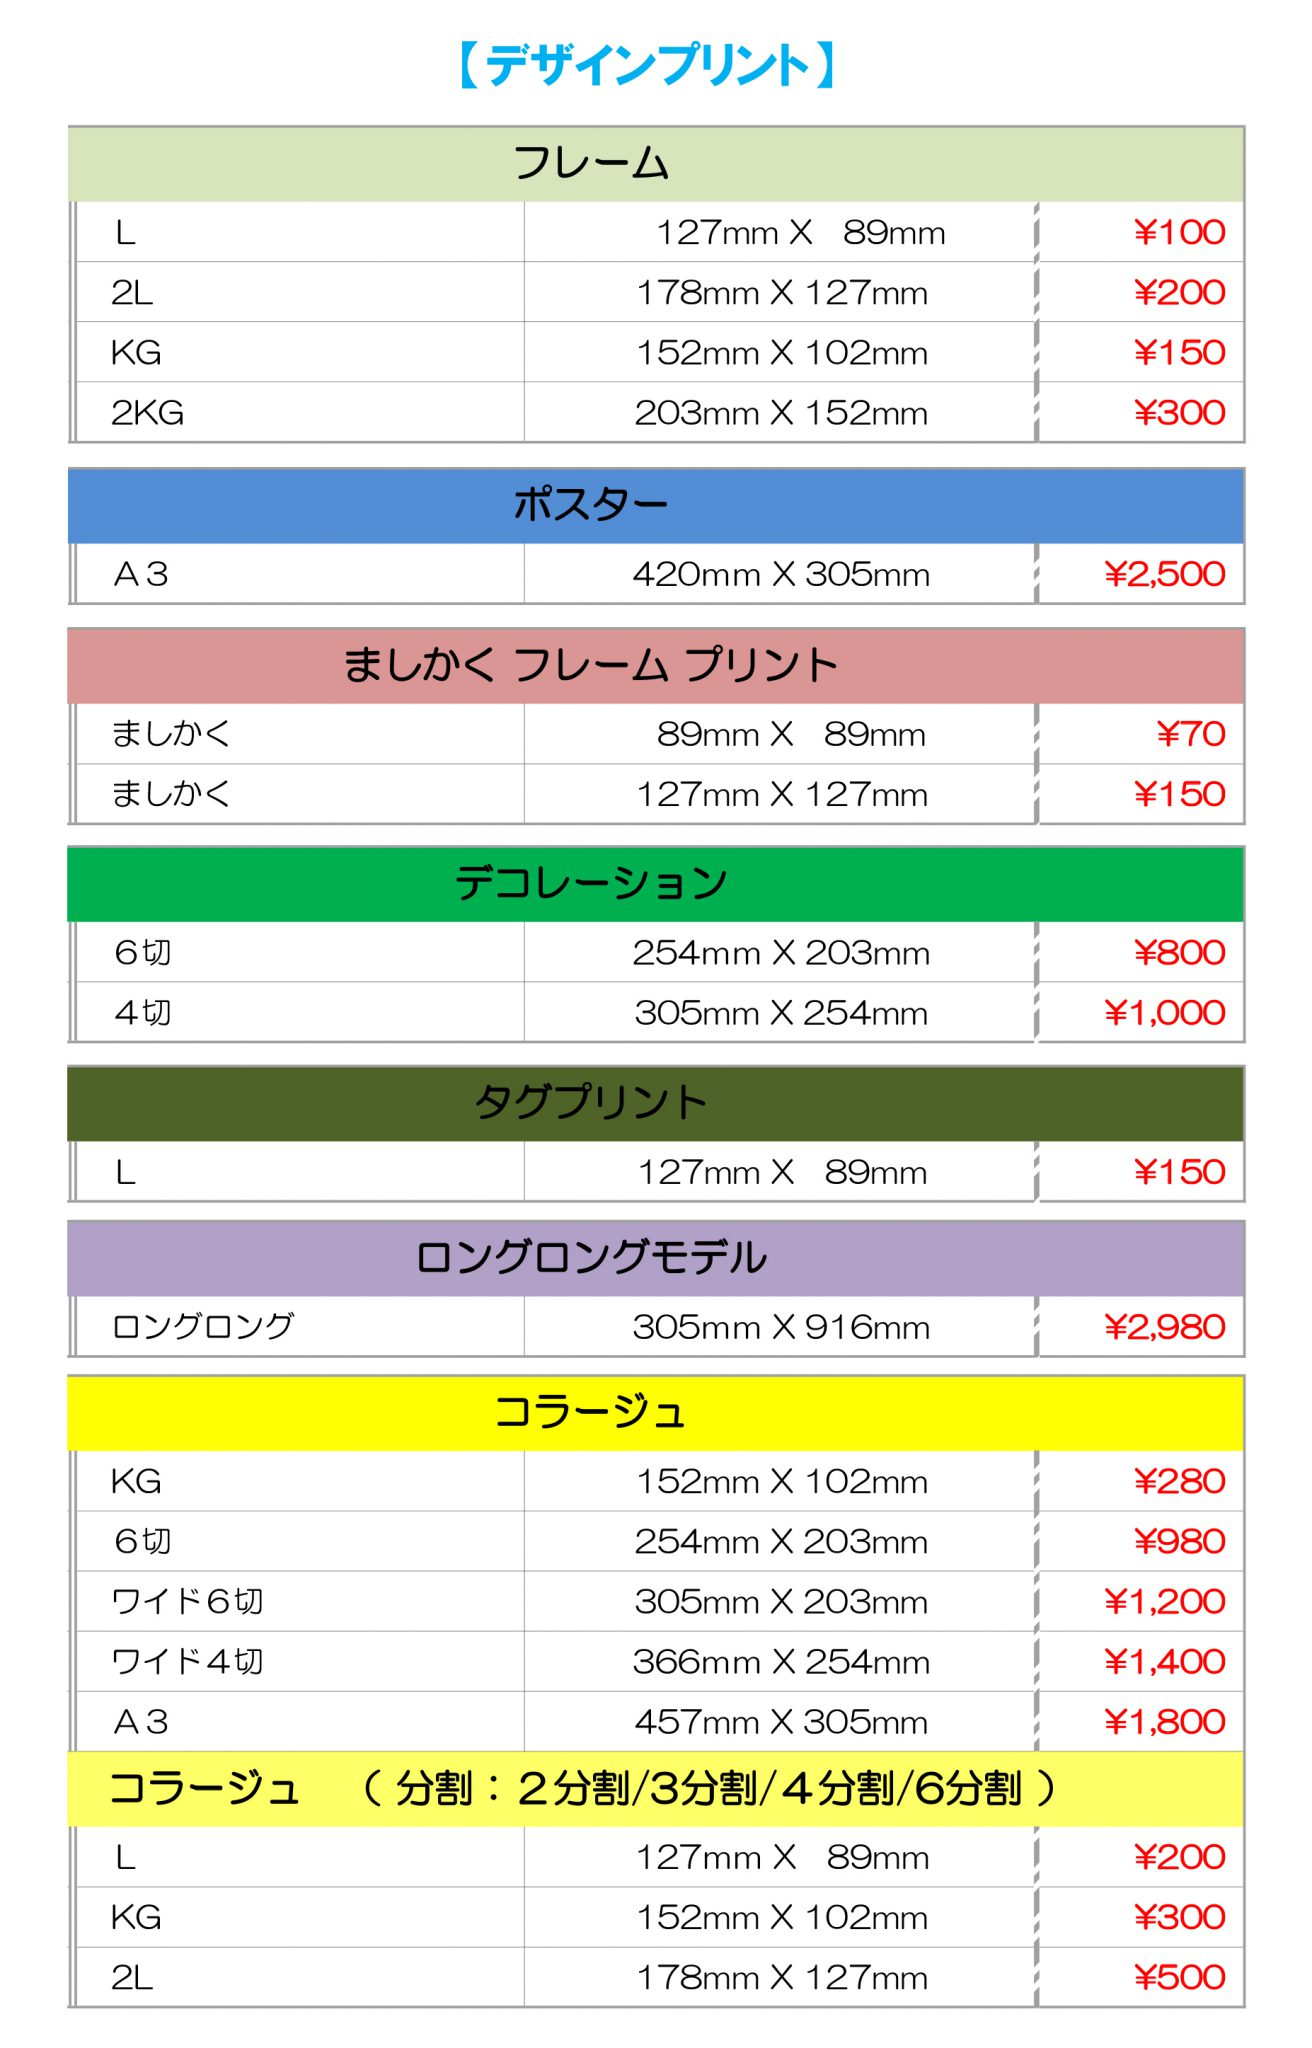 コラージュやポスターのデザインプリント価格